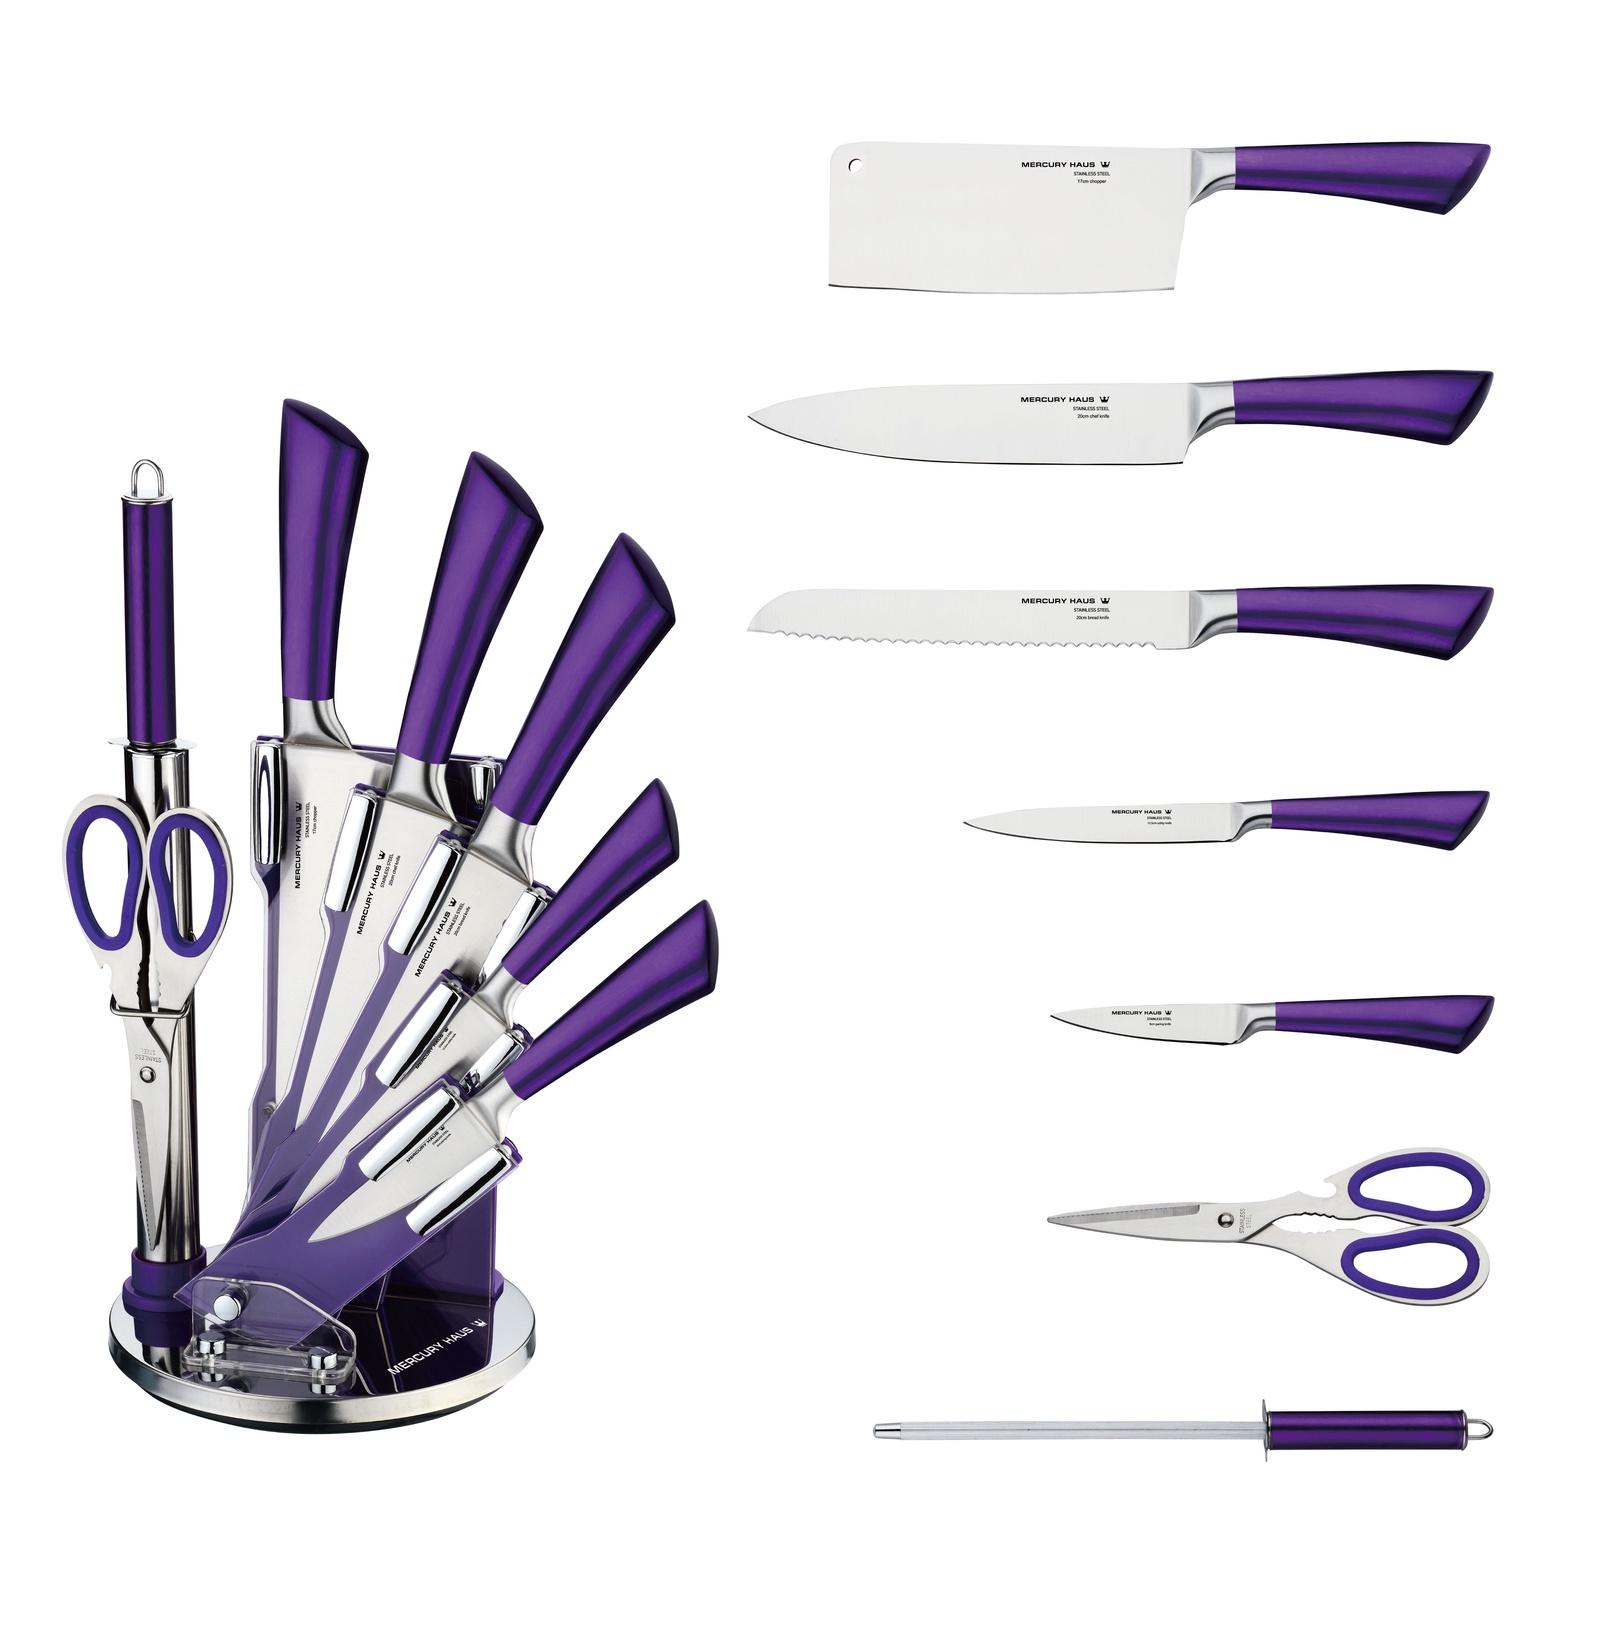 Фото - Набор кухонных ножей Mercury Haus MC - 6154, фиолетовый набор ножей mercury haus mc 6154